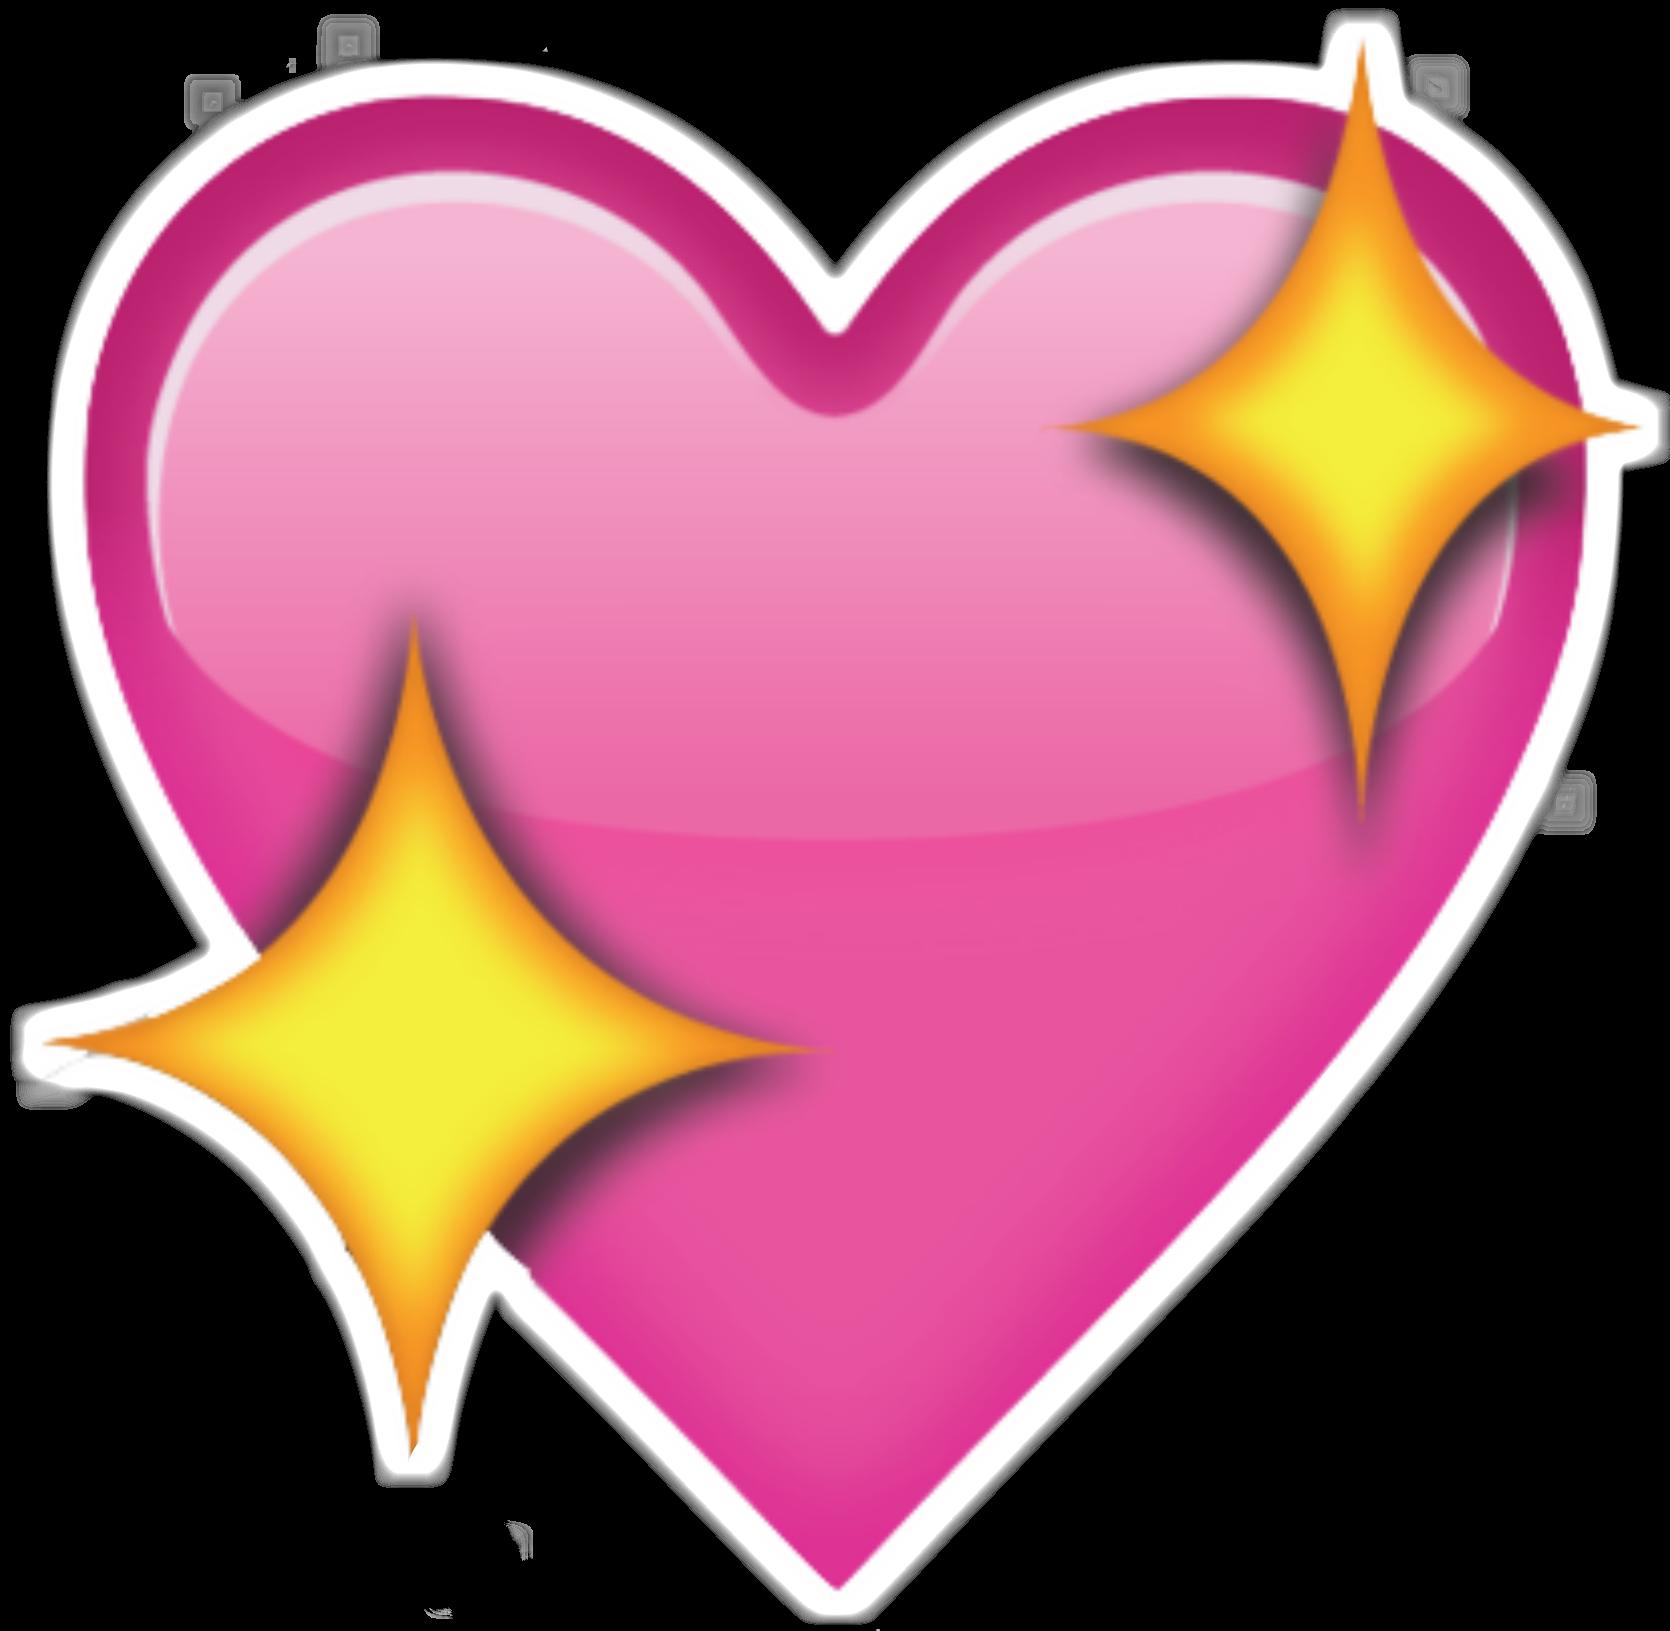 Stickers De Amor Para Descargar Emojis De Iphone Plantillas De Emojis Emojis De Amor